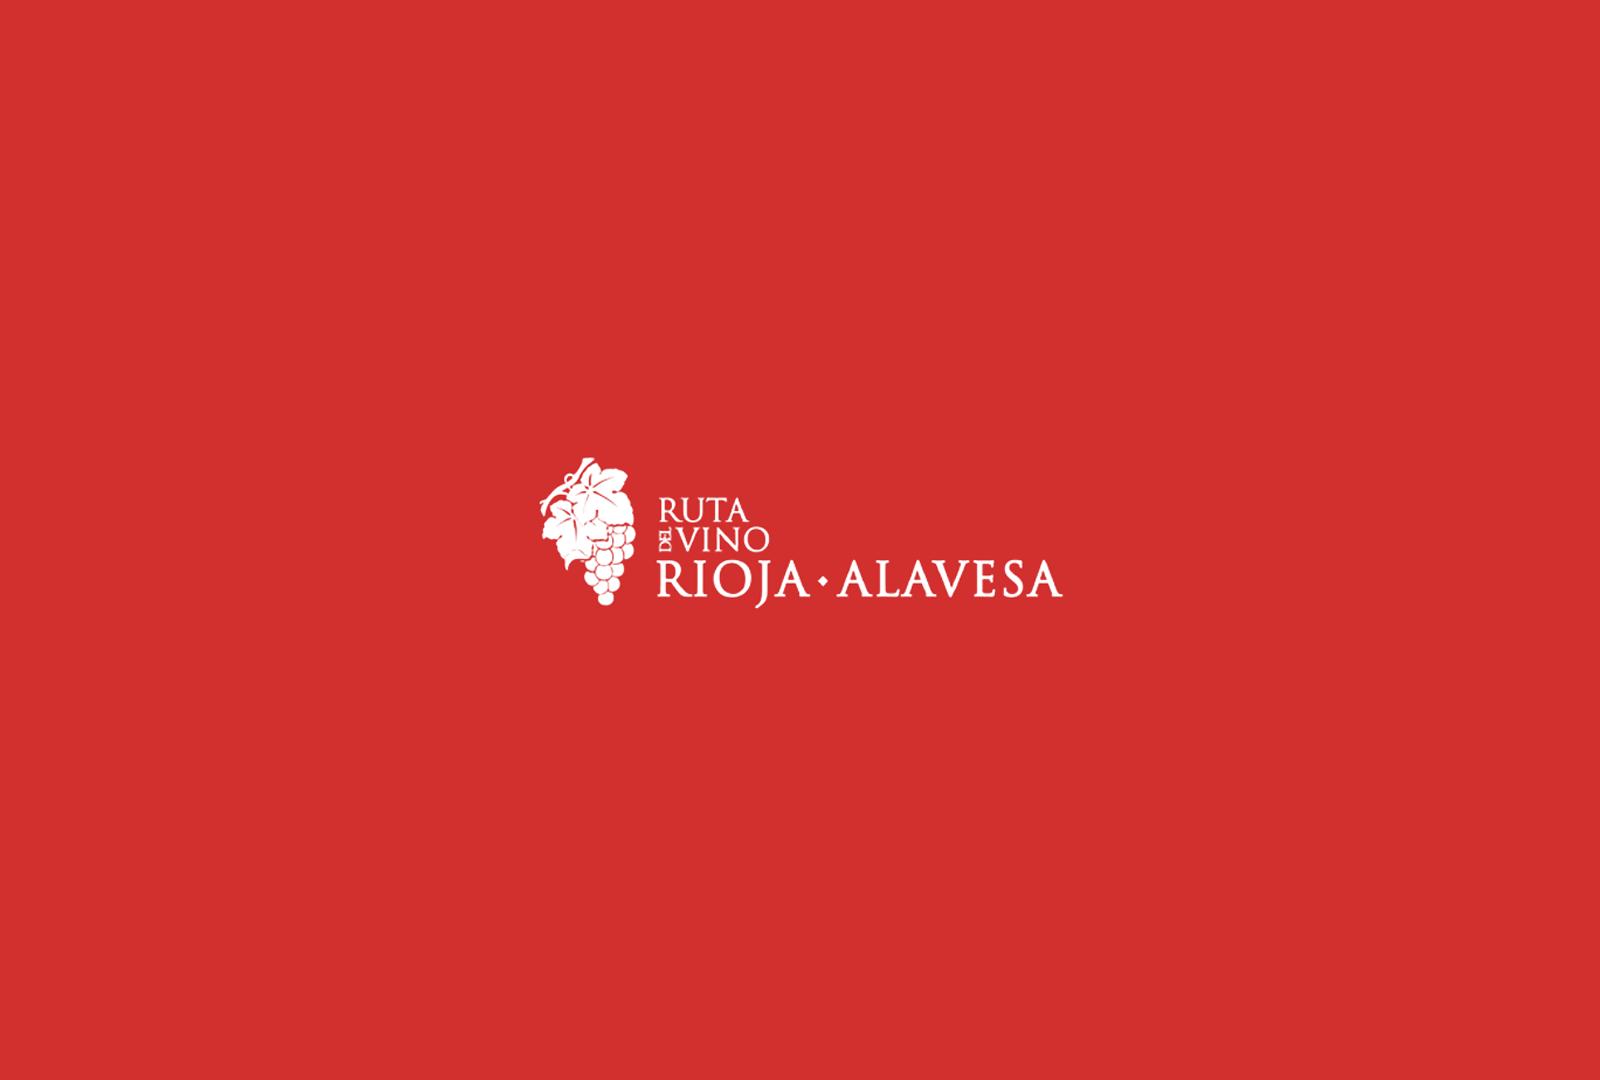 La Ruta del Vino de Rioja Alavesa ha renovado su certificación.